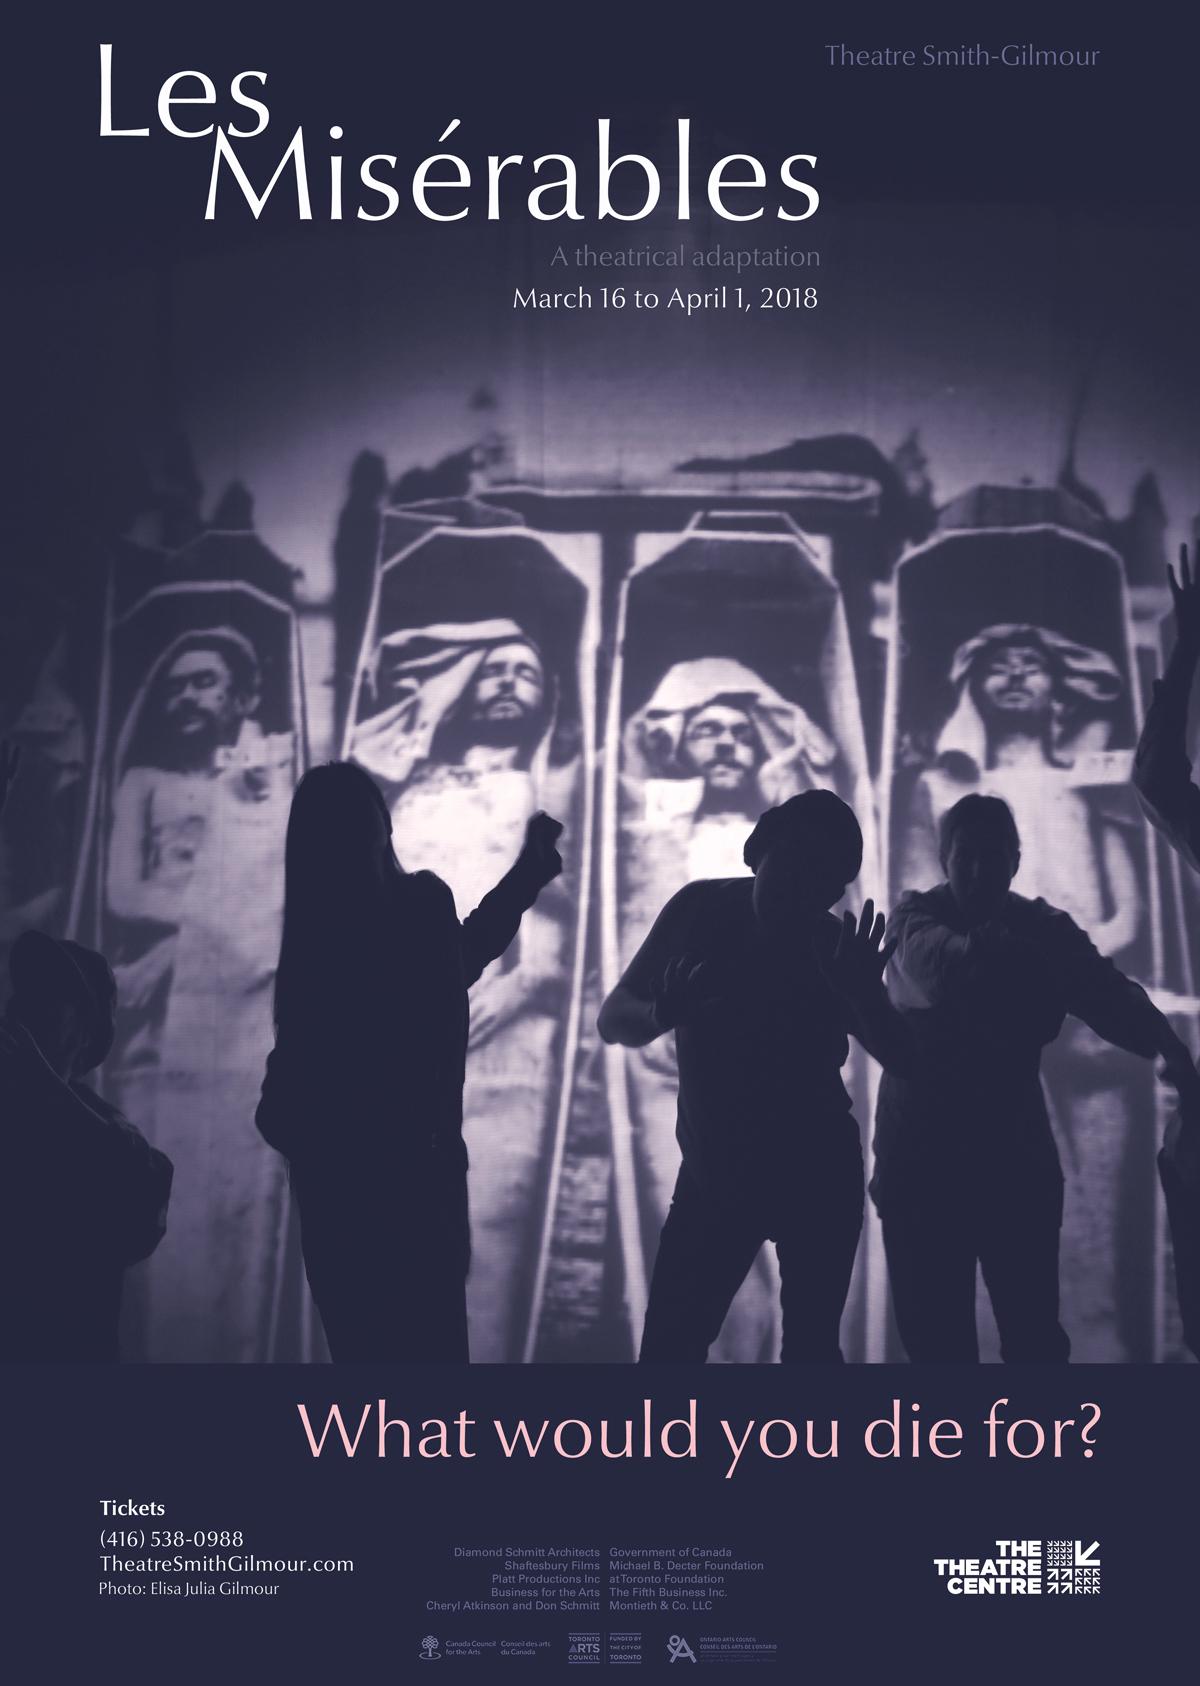 TheatreSmithGilmour-LesMiserables-Posterv2